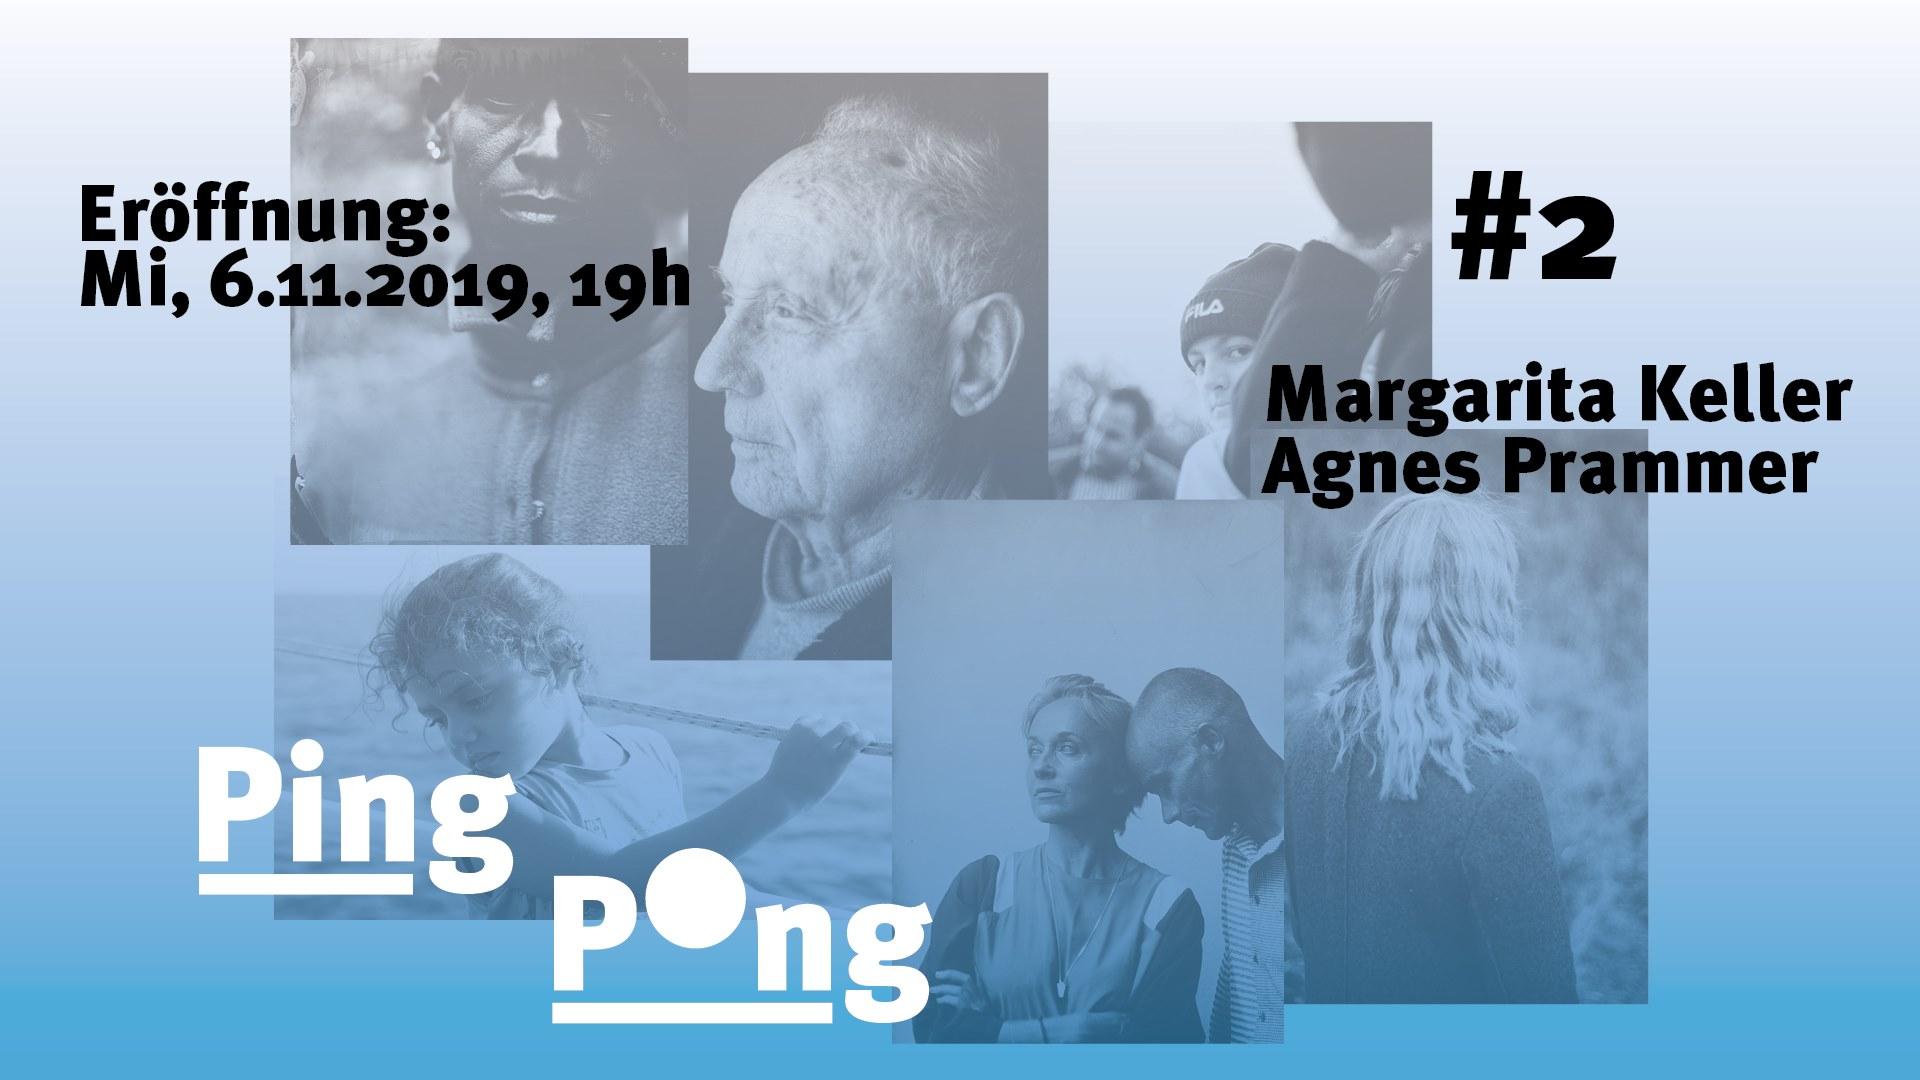 PING PONG #2: Margarita Keller & Agnes Prammer